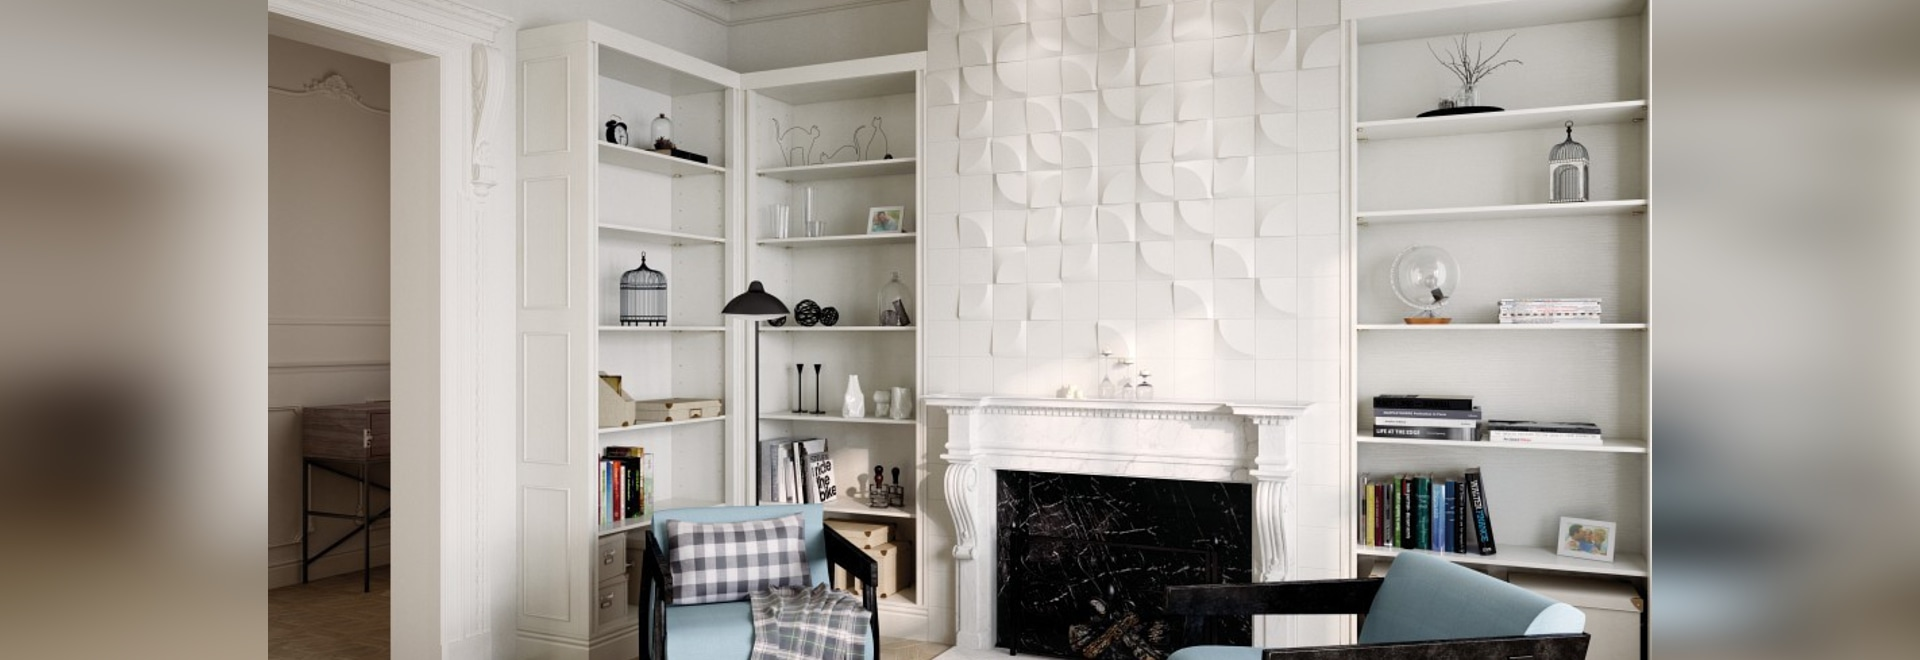 Scopra una collezione fatta per le progettazioni specializzate della parete